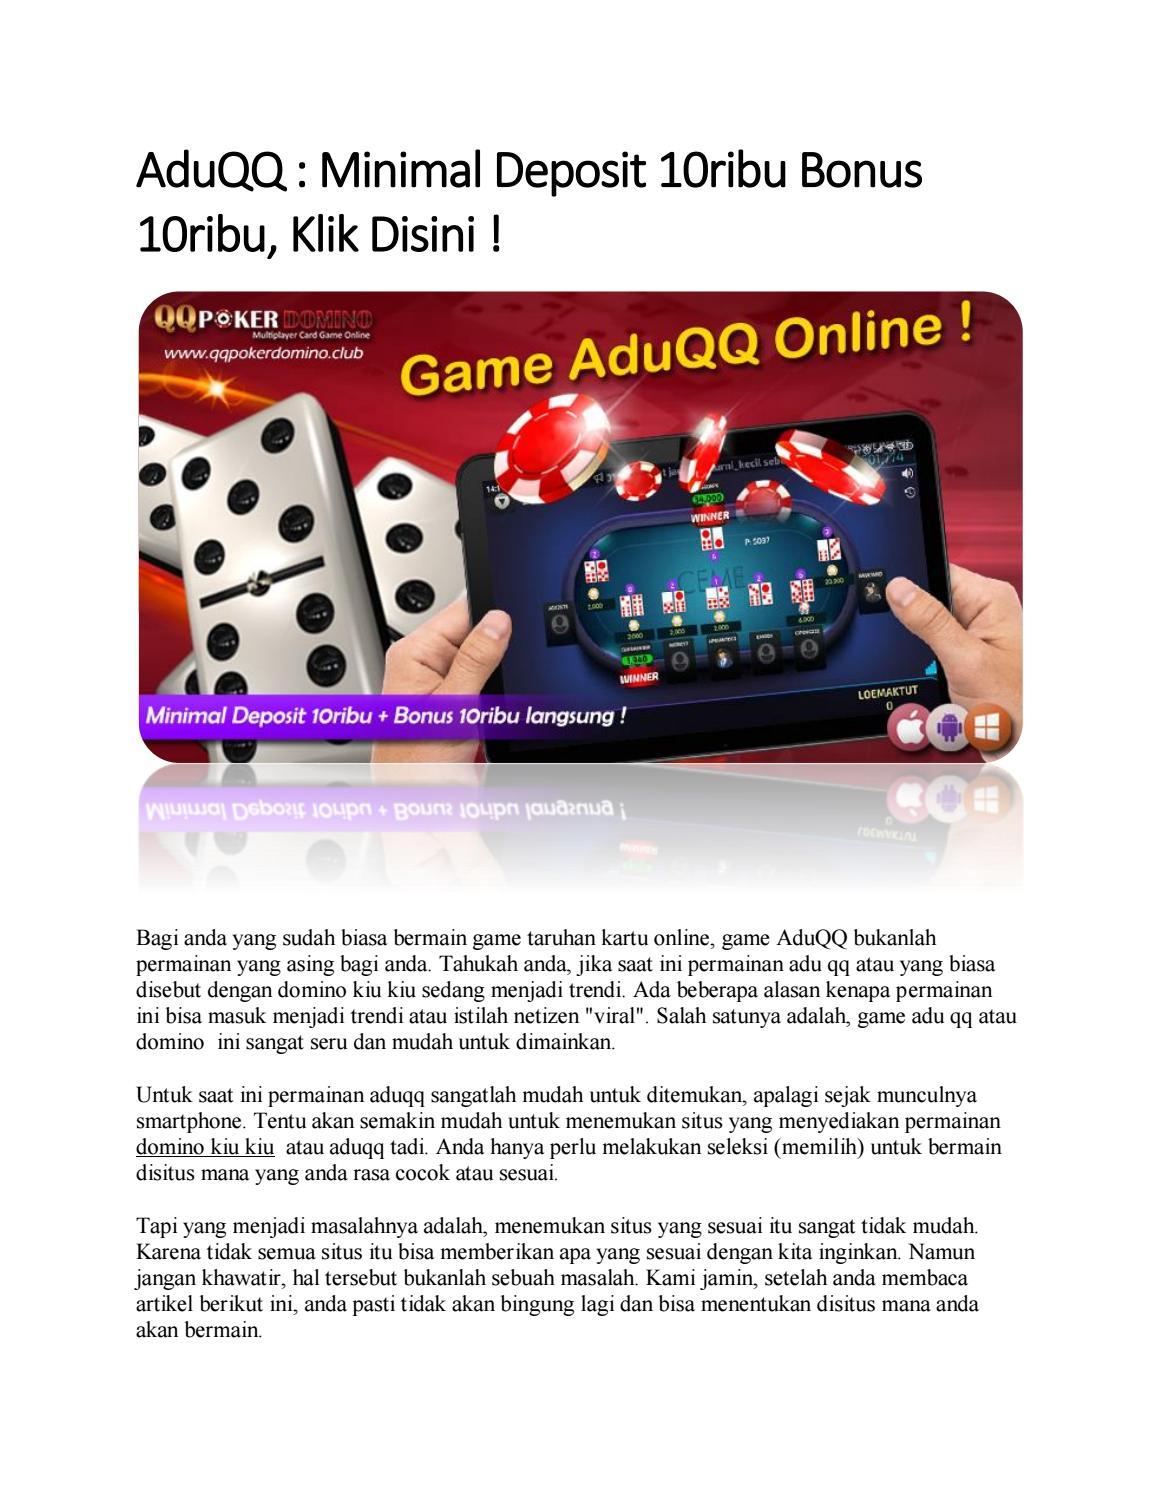 Aduqq Minimal Deposit 10ribu Bonus 10ribu Klik Disini By Anan Issuu